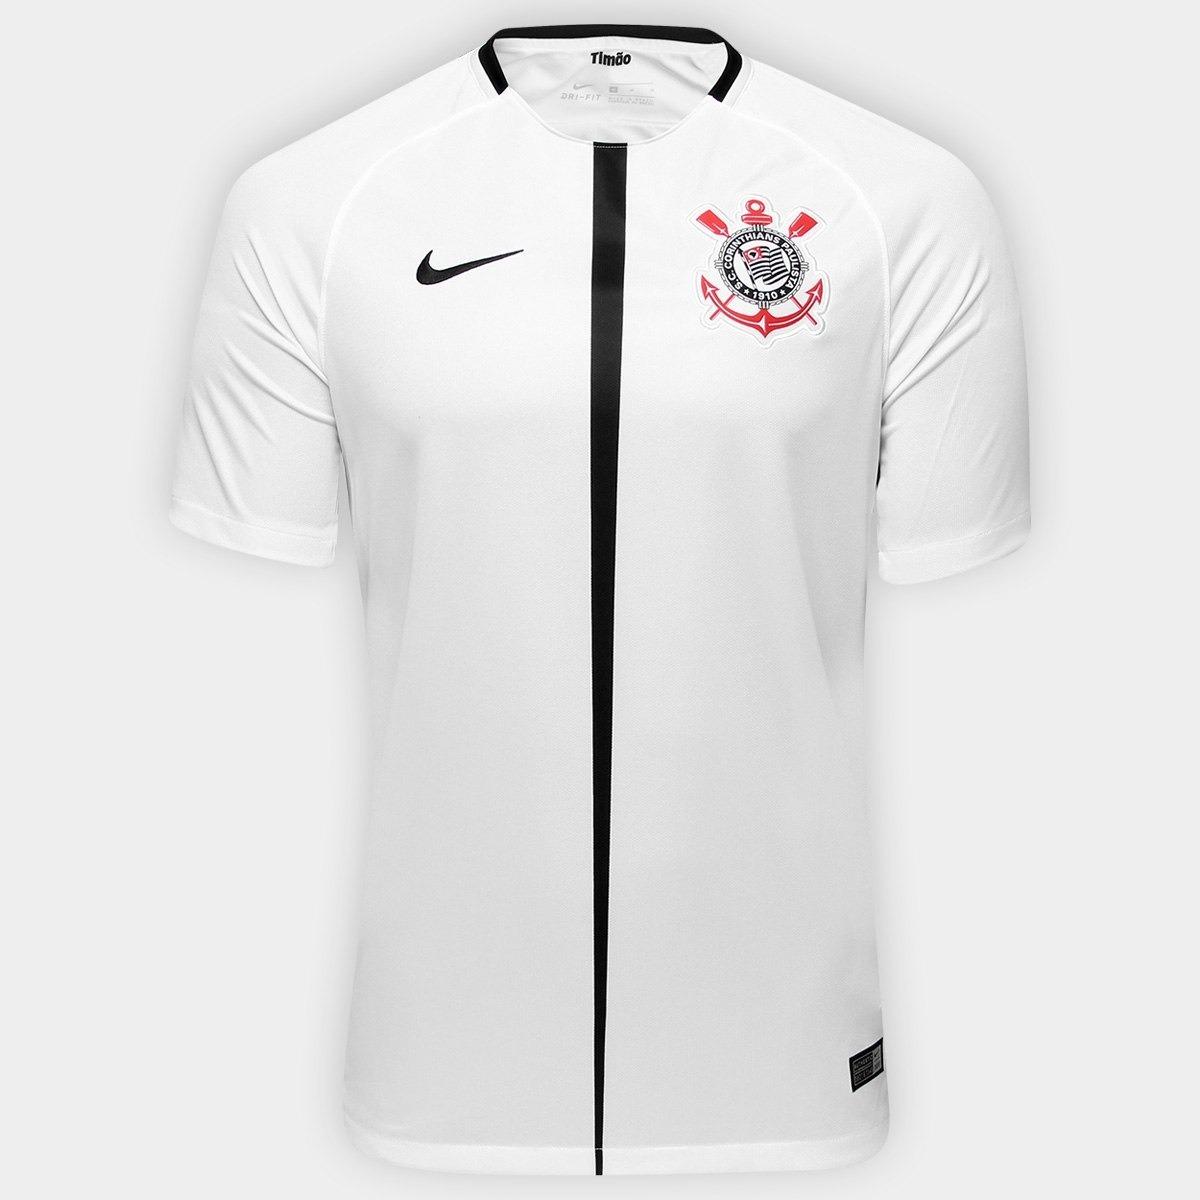 bf0b183de0277 Camisa Do Corinthians Nike Torcedor Masculina S n° 2018 - R  160